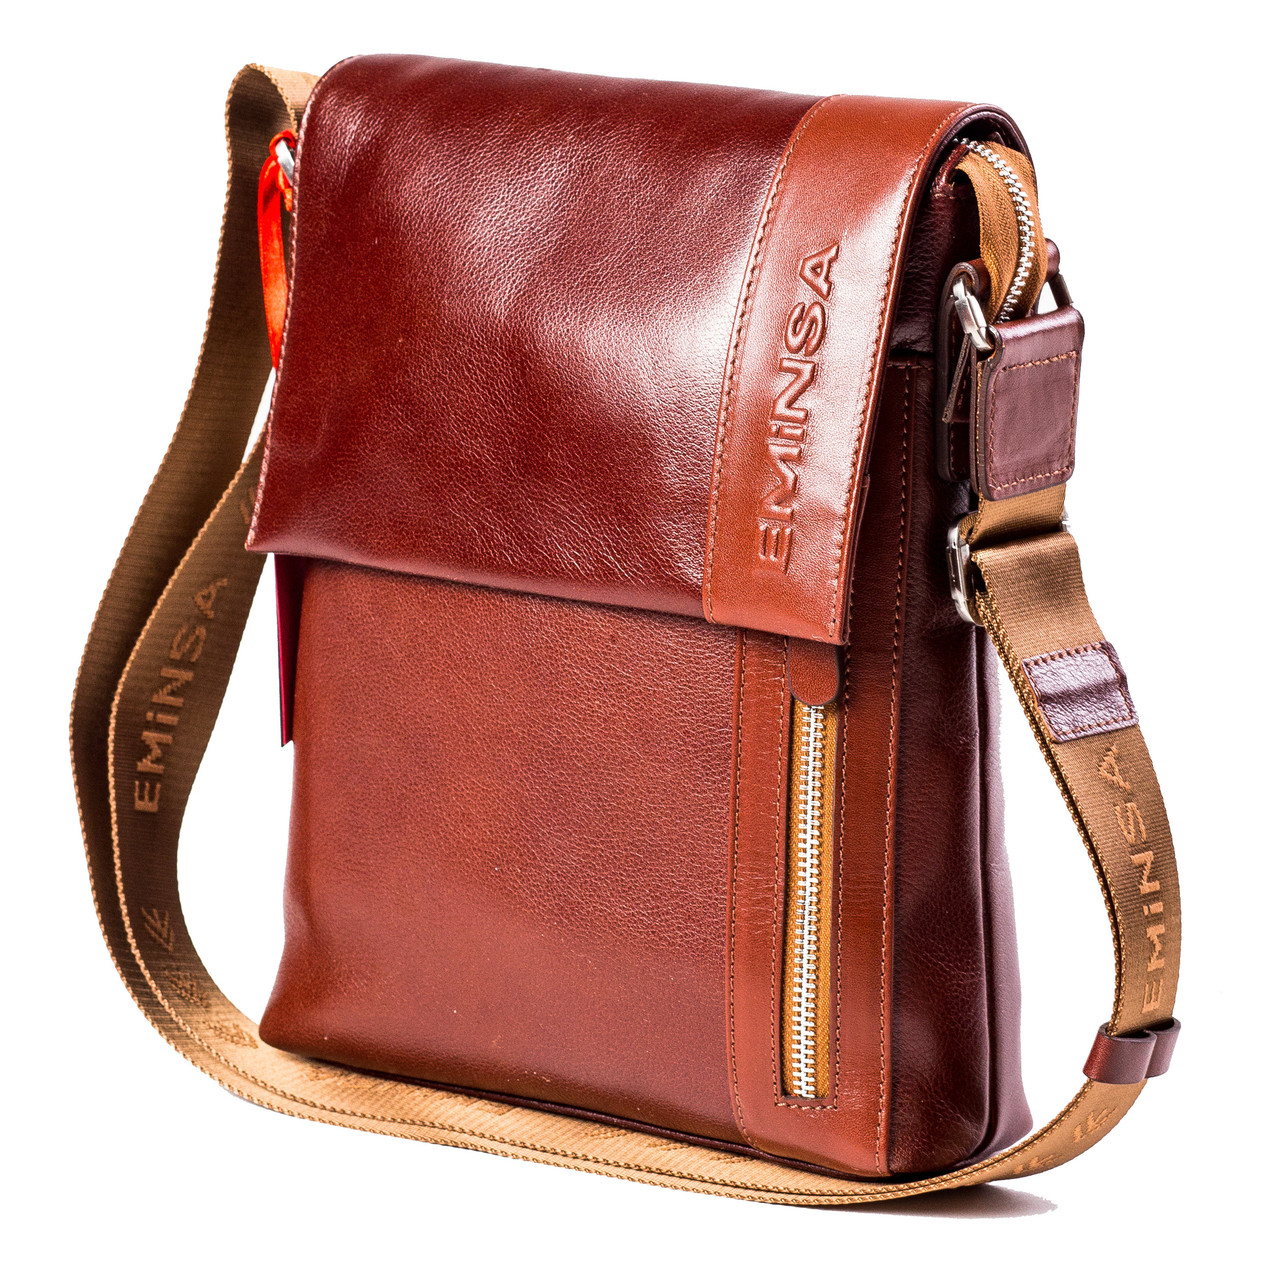 Мужская сумка кожаная коричневая Eminsa 6044-12-4